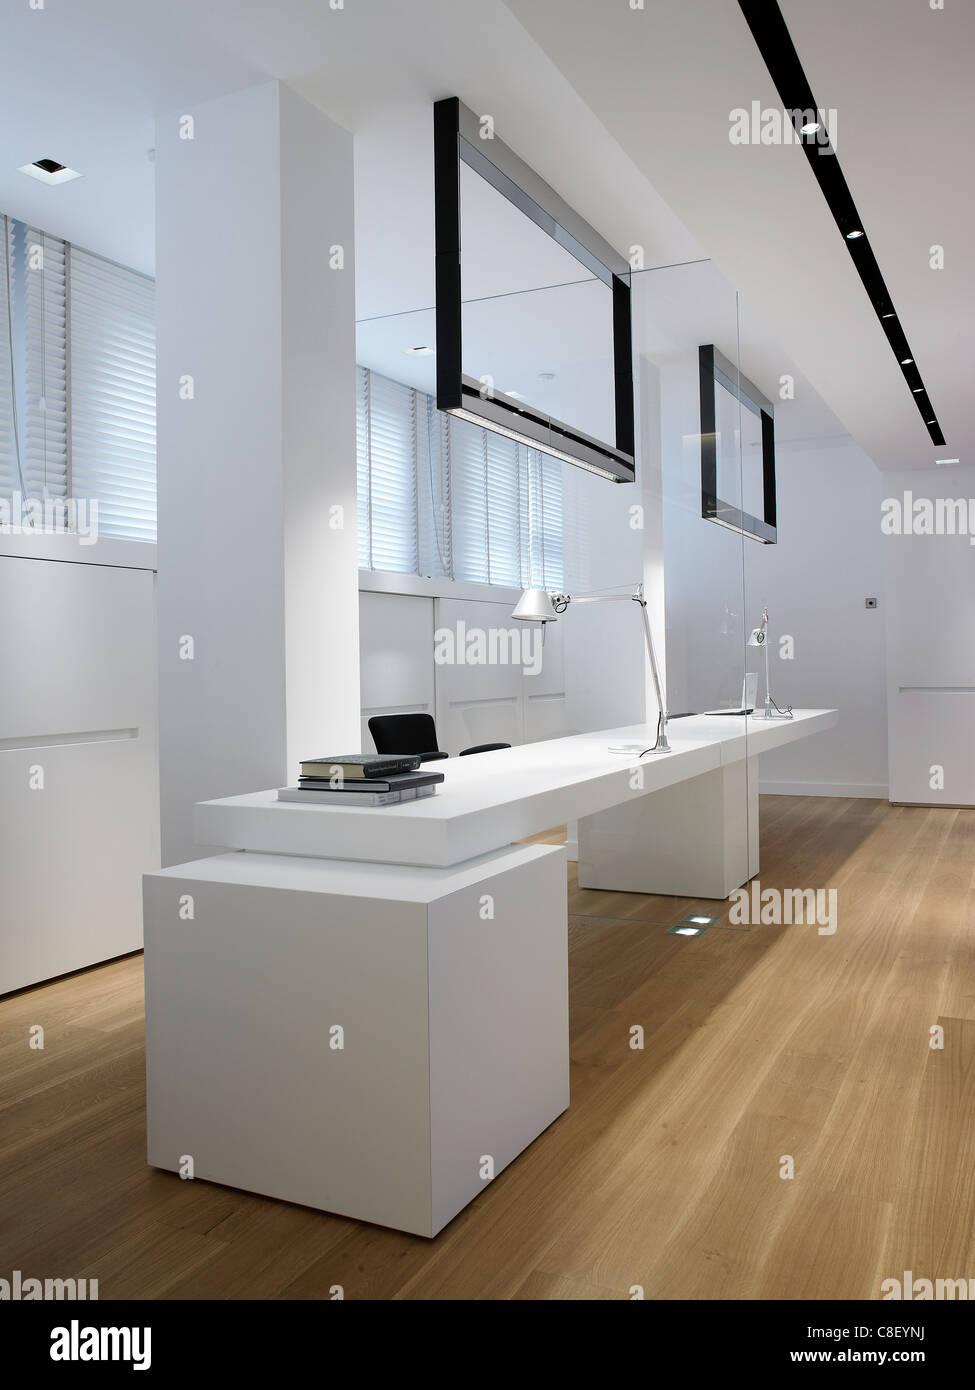 Intérieur d'un espace de bureau Photo Stock